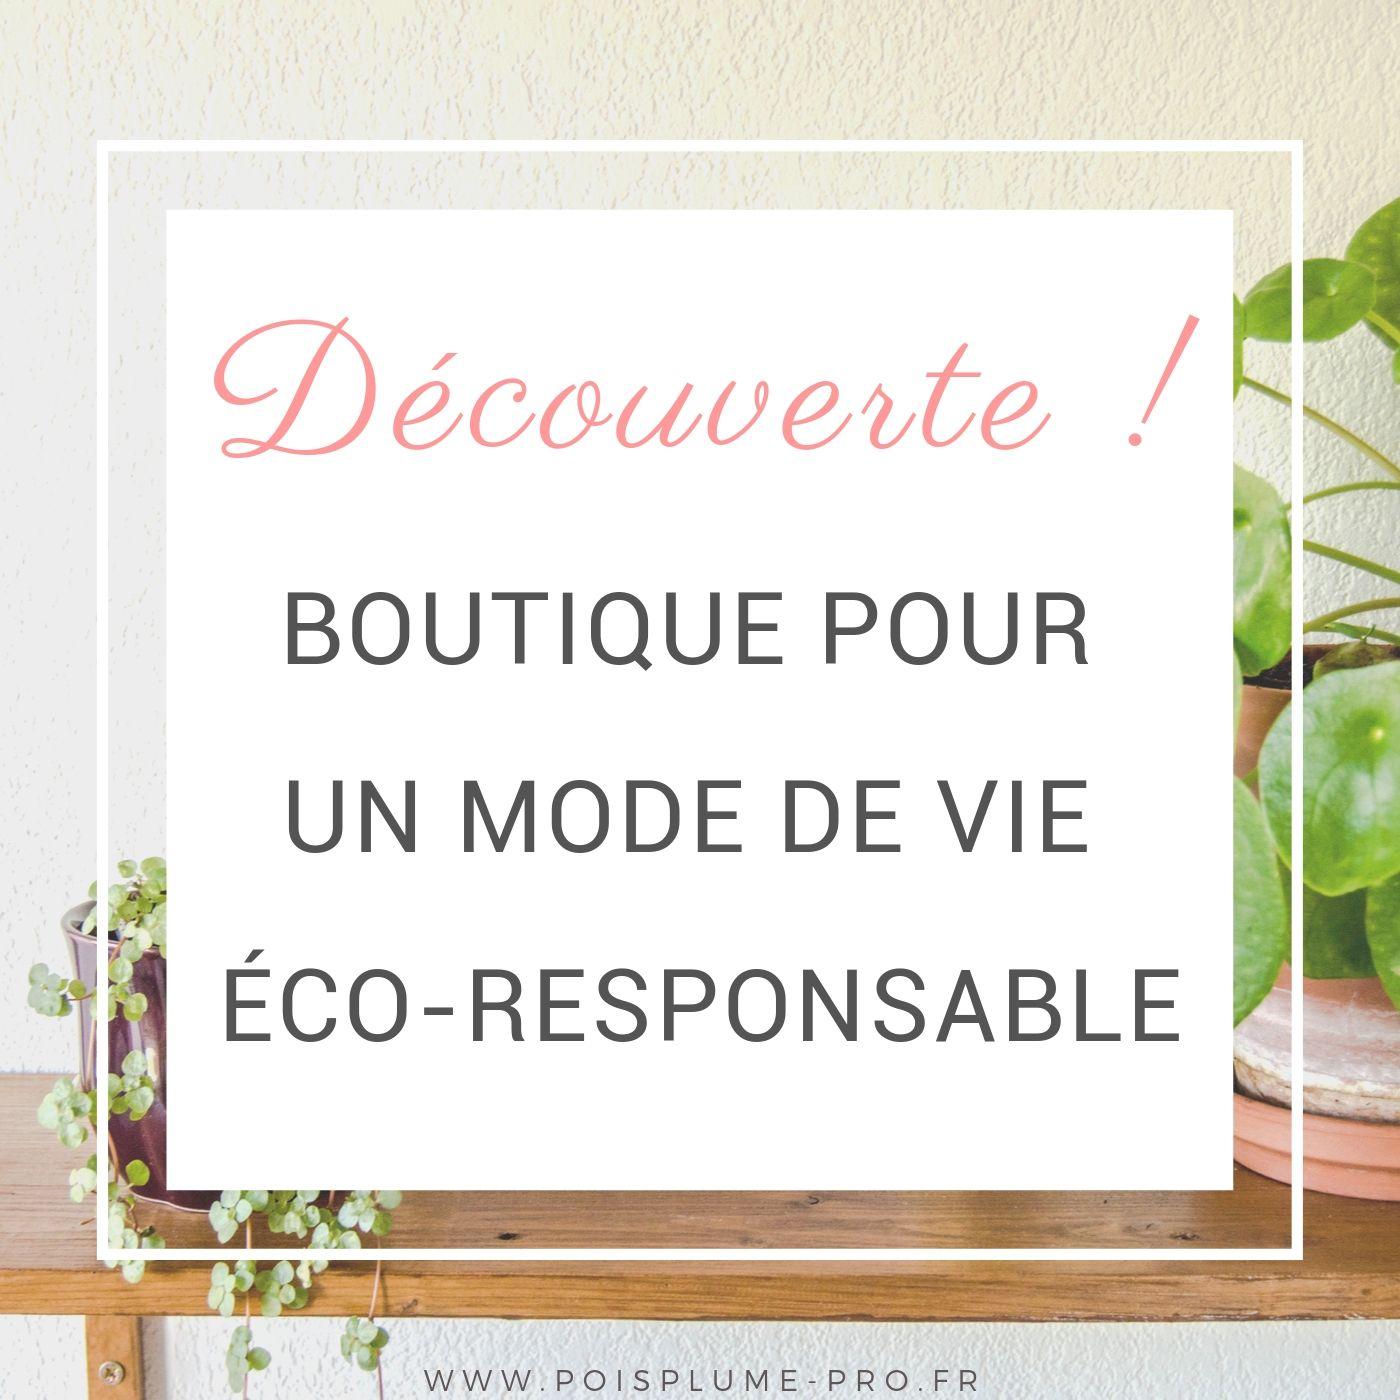 boutique pour un mode de vie ecoresponsable (3)